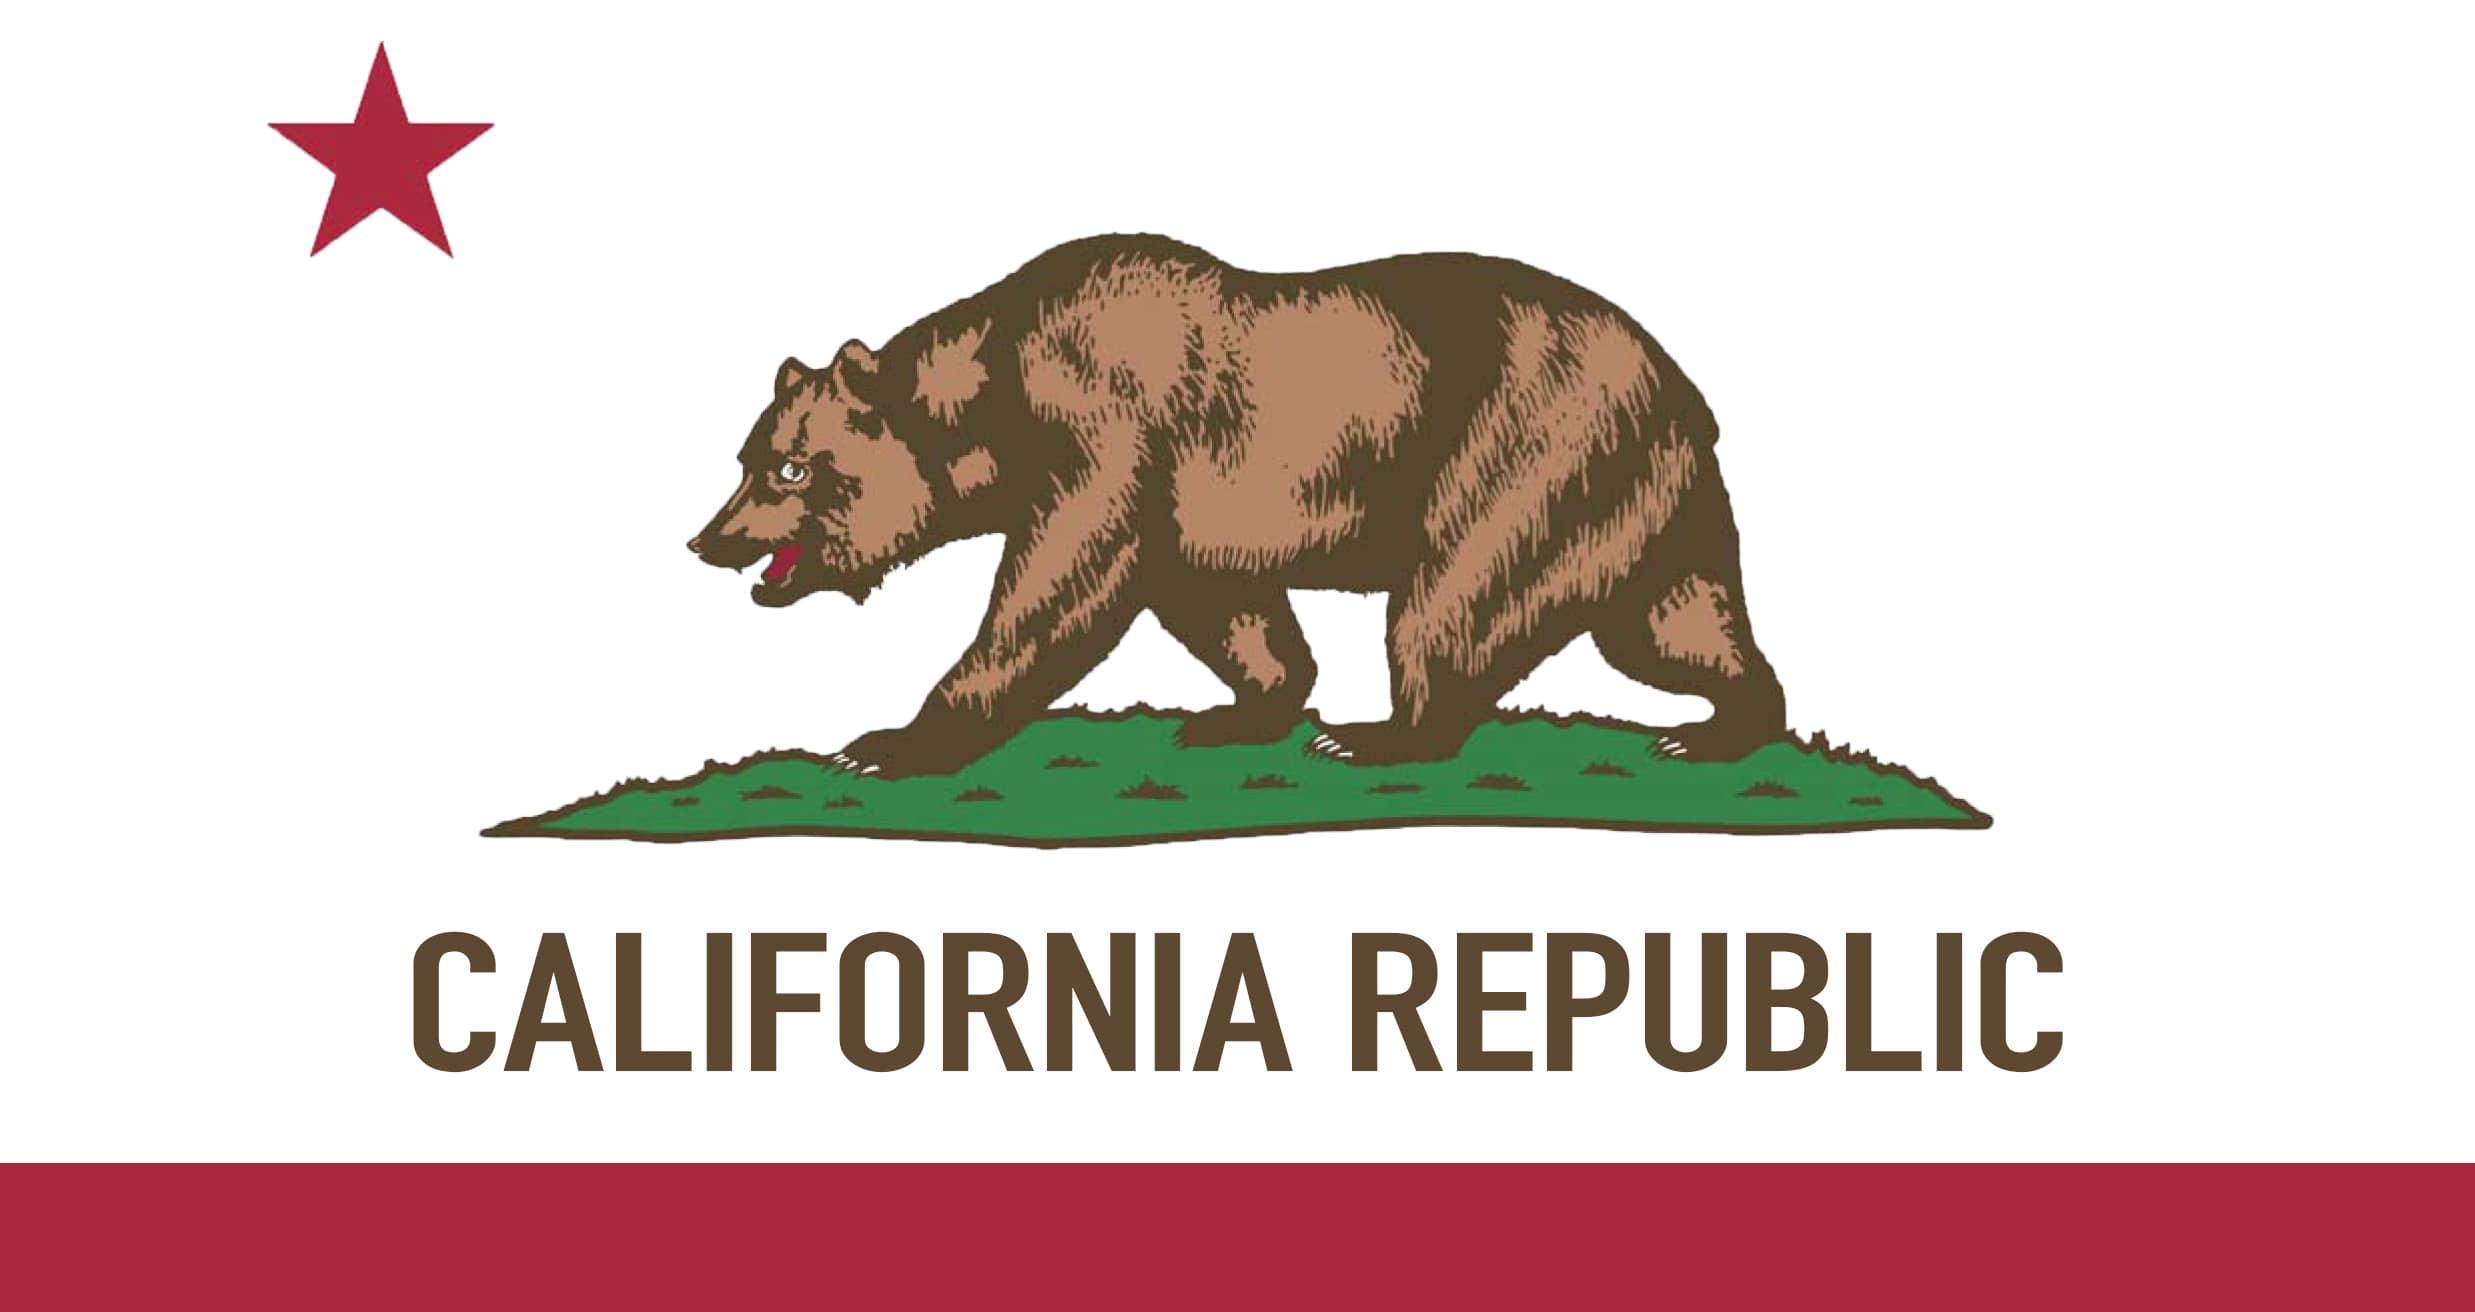 Calfornia Republic